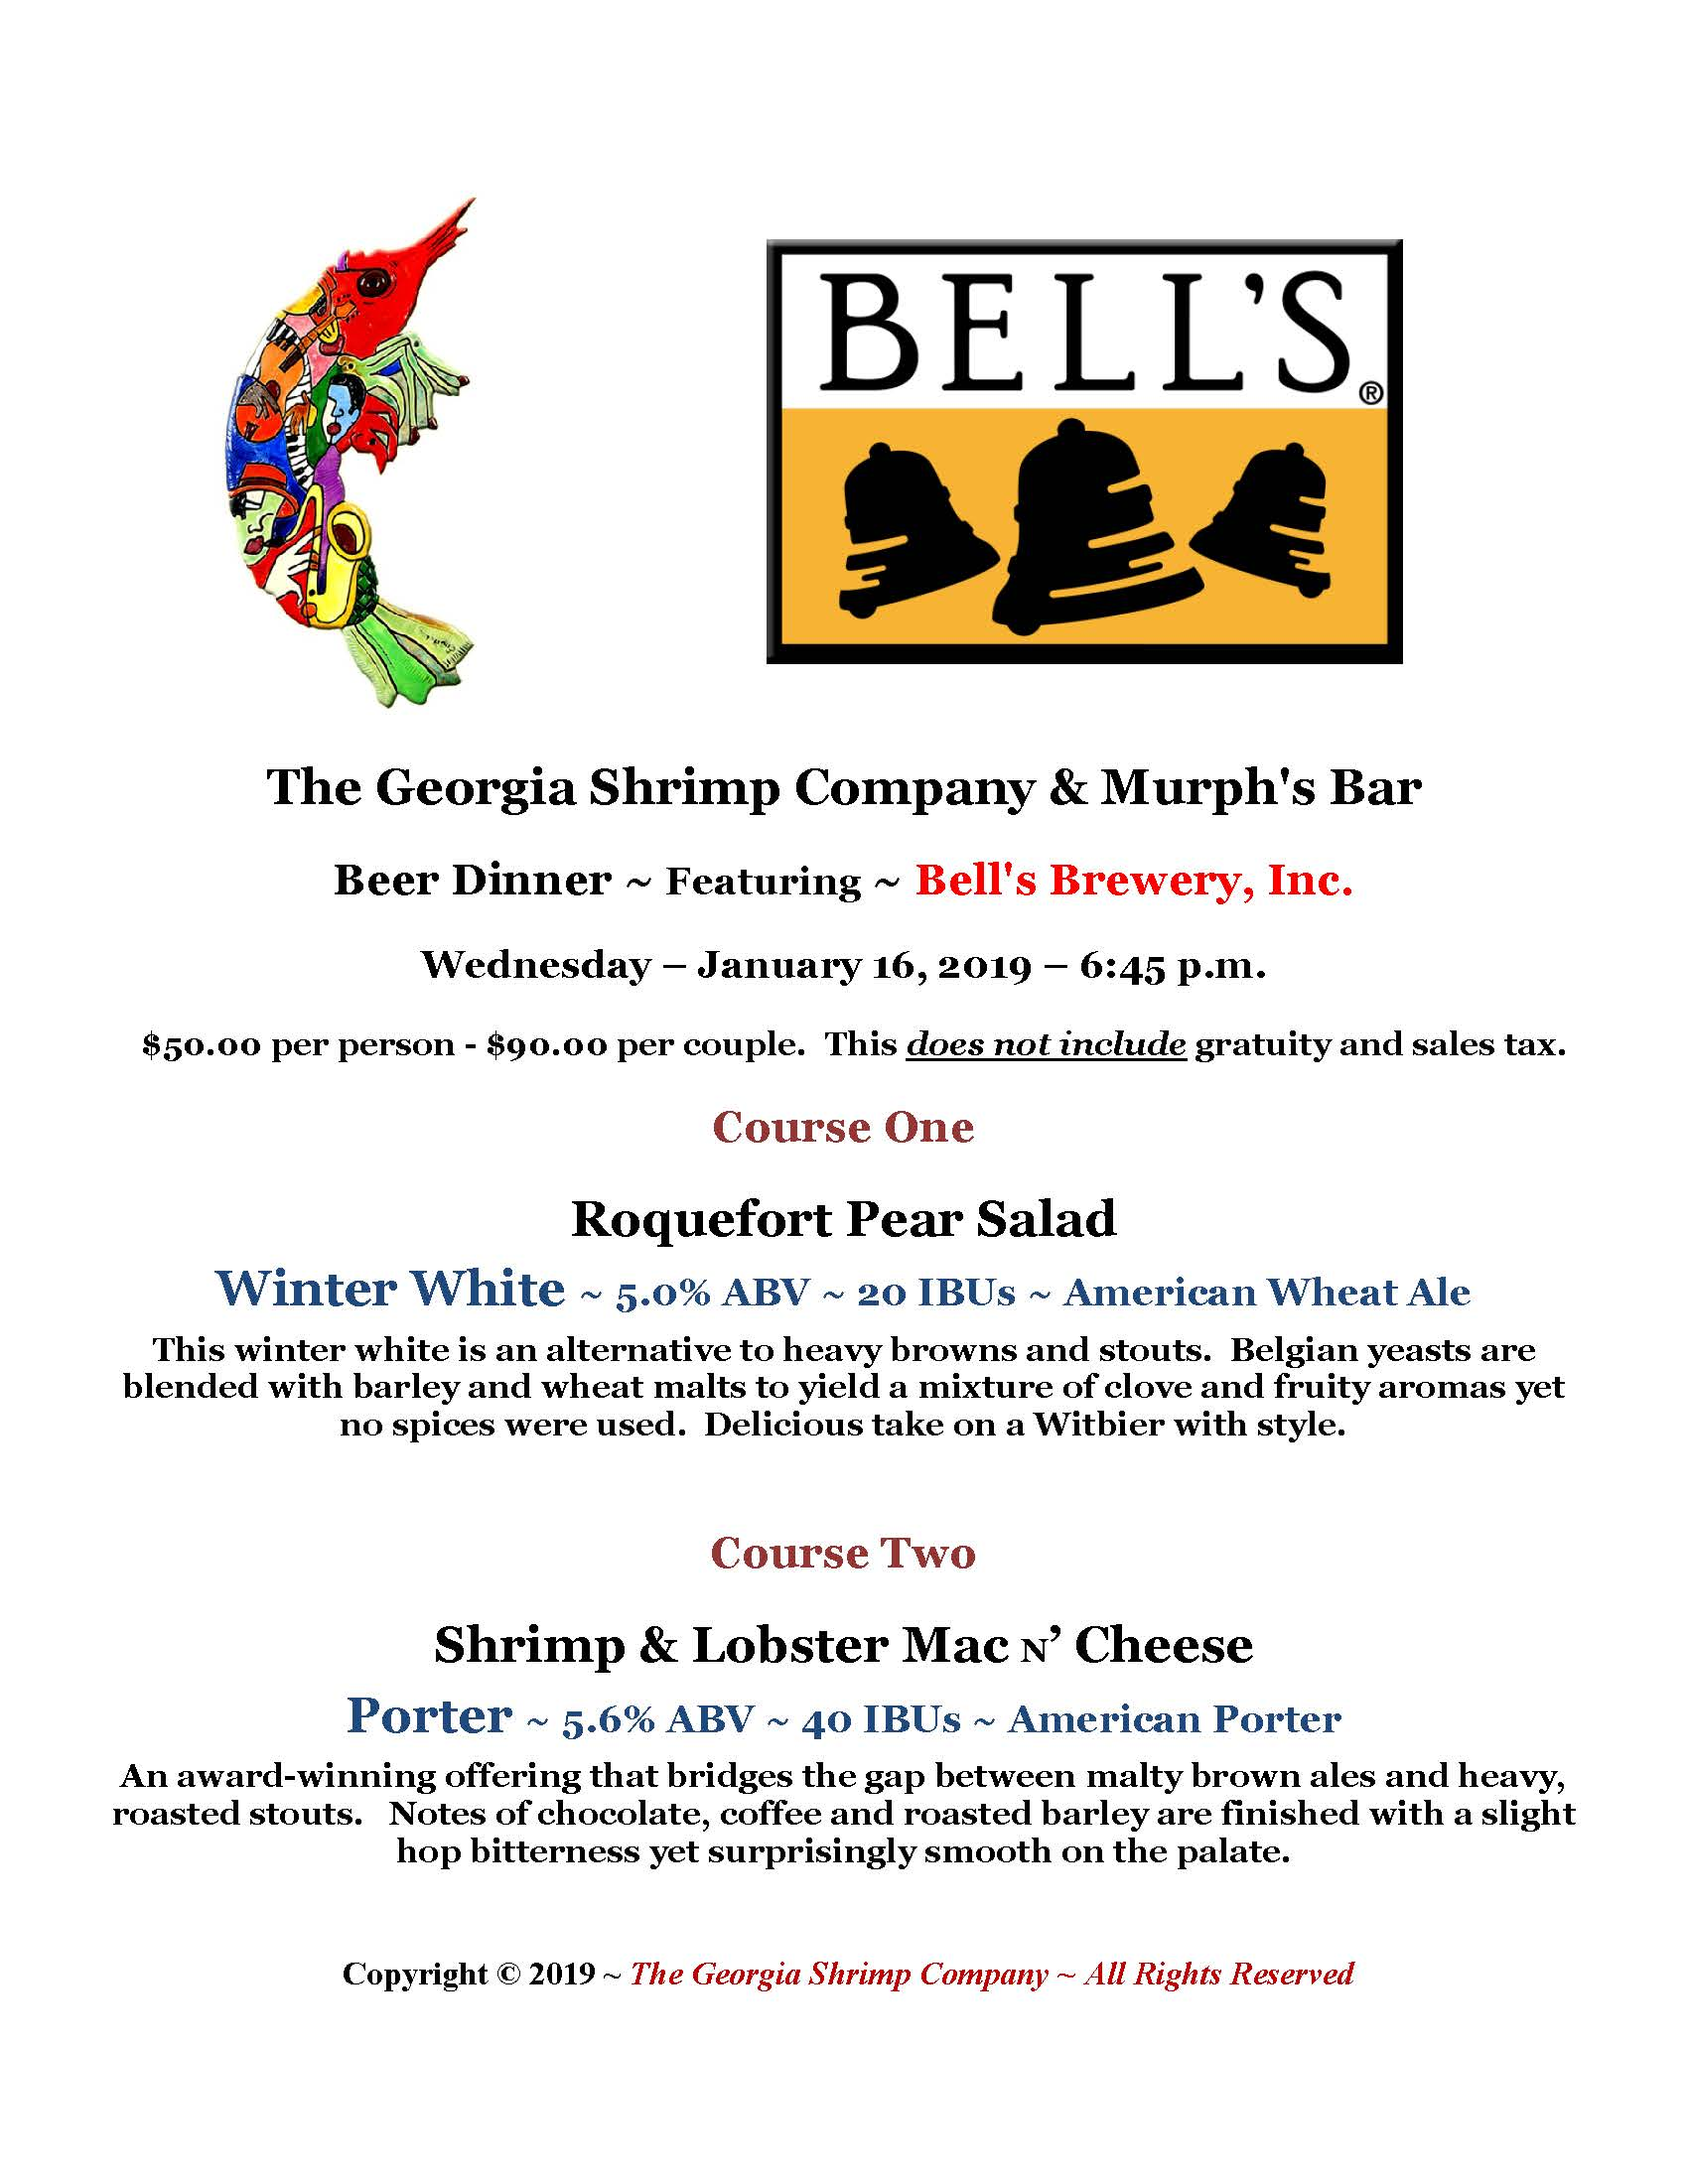 GAS+January Beer Dinner Menu   Pairings  Beer Descriptions-010918-Final_Page_1.jpg